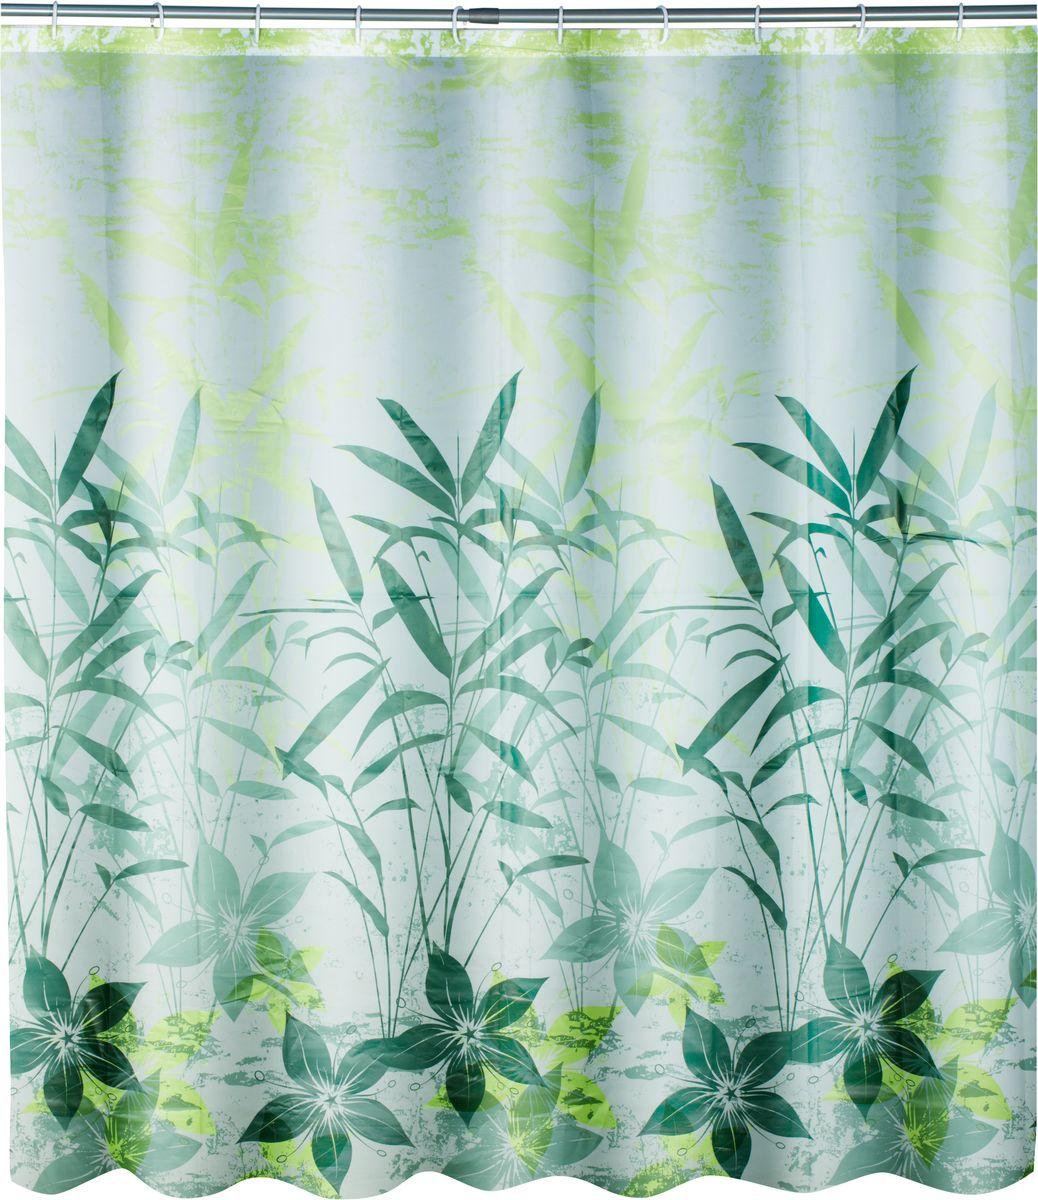 Штора для ванной Swensa Grass, цвет: зеленый, 180 х 180 см391602Штора выполненна из такого материала как ПЕВА и EVA (вспененный этиленвинилацетат) и оформлена оригинальным рисунком. Она надежно защитит от брызг и капель пространство вашей ванной комнаты в то время, пока вы принимаете душ. В верхней кромке шторы предусмотрены отверстия для пластиковых колец, которые входят в комплект.Количество колец: 12 шт.